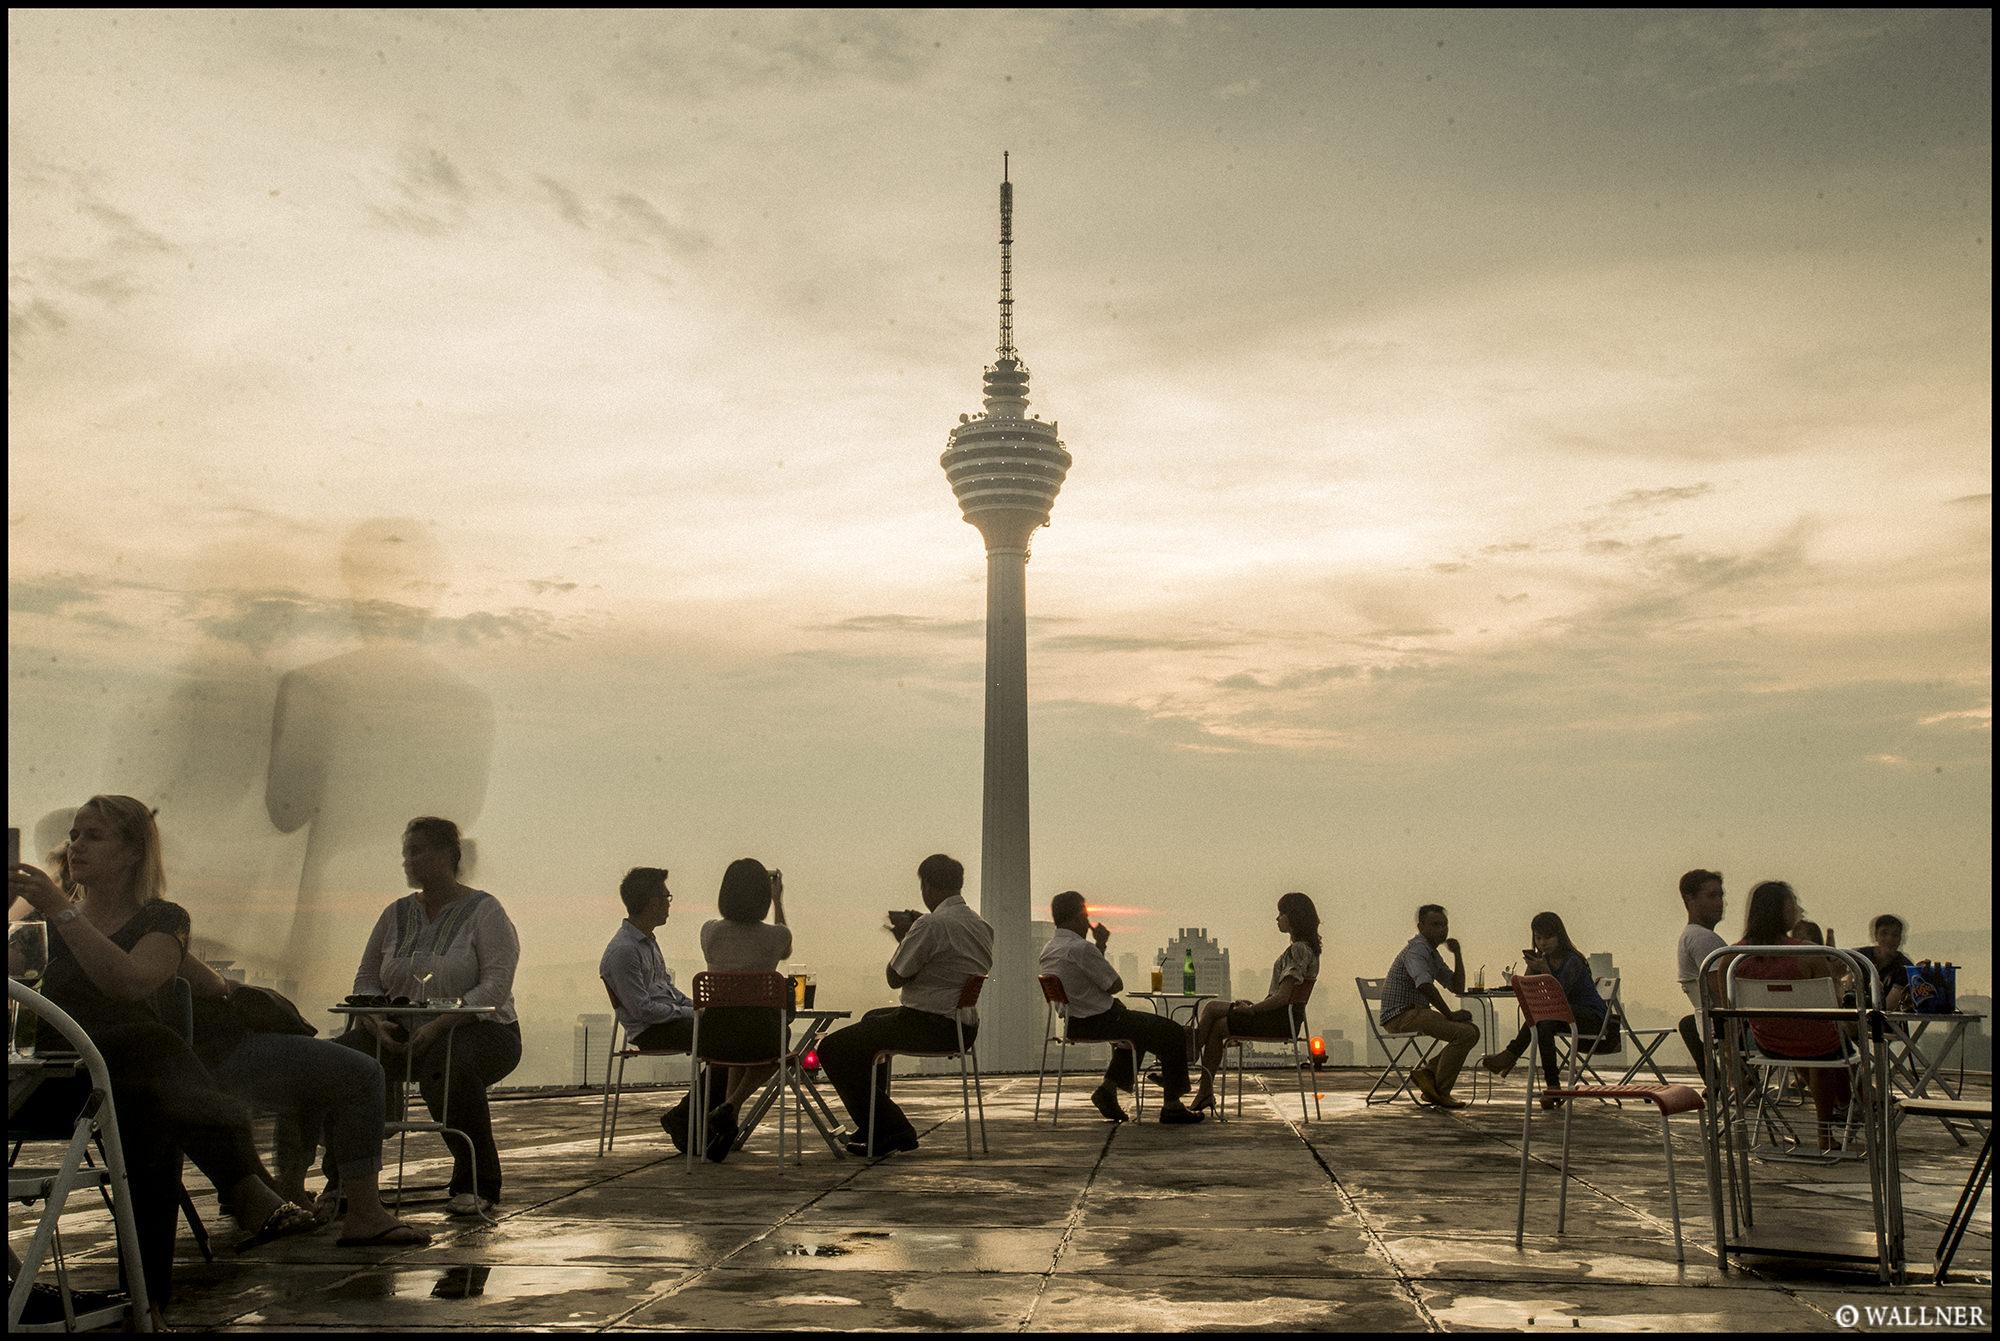 Digital Patrik Wallner Kuala Lumpur Rooftop Dinner LOWQ 2000P w WM